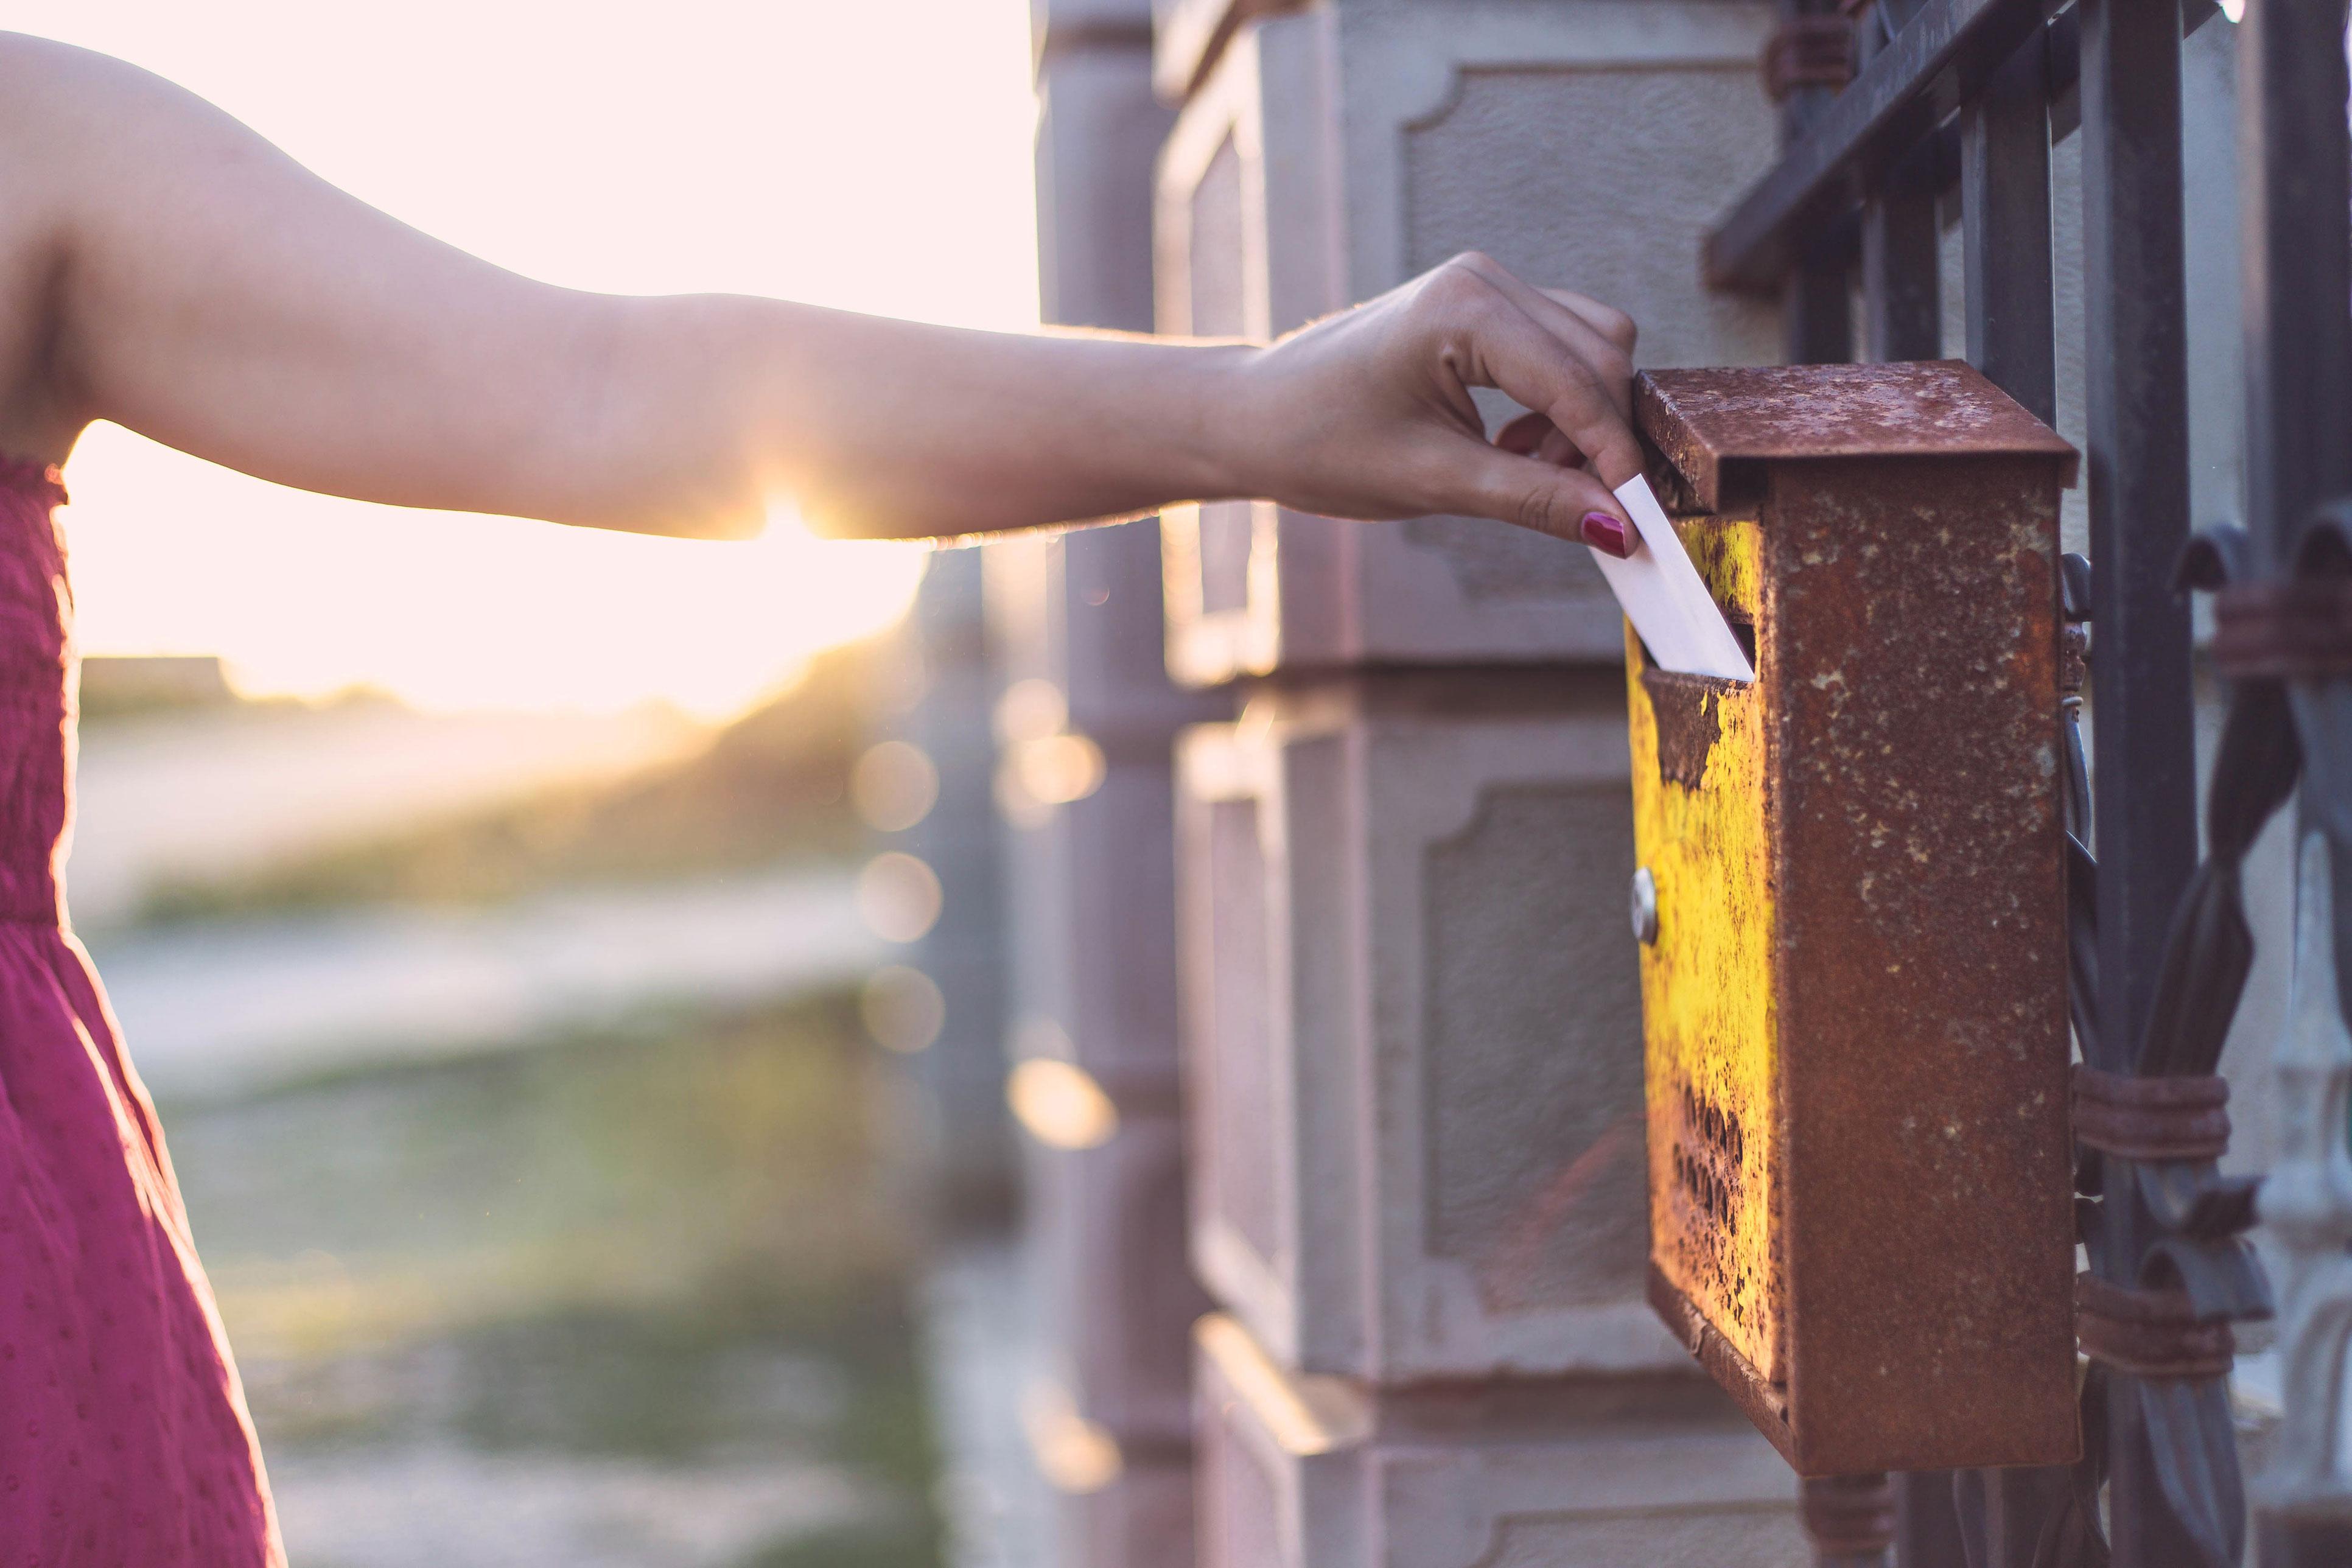 Exemples De Lettres De Condoleances Mieux Traverser Le Deuil